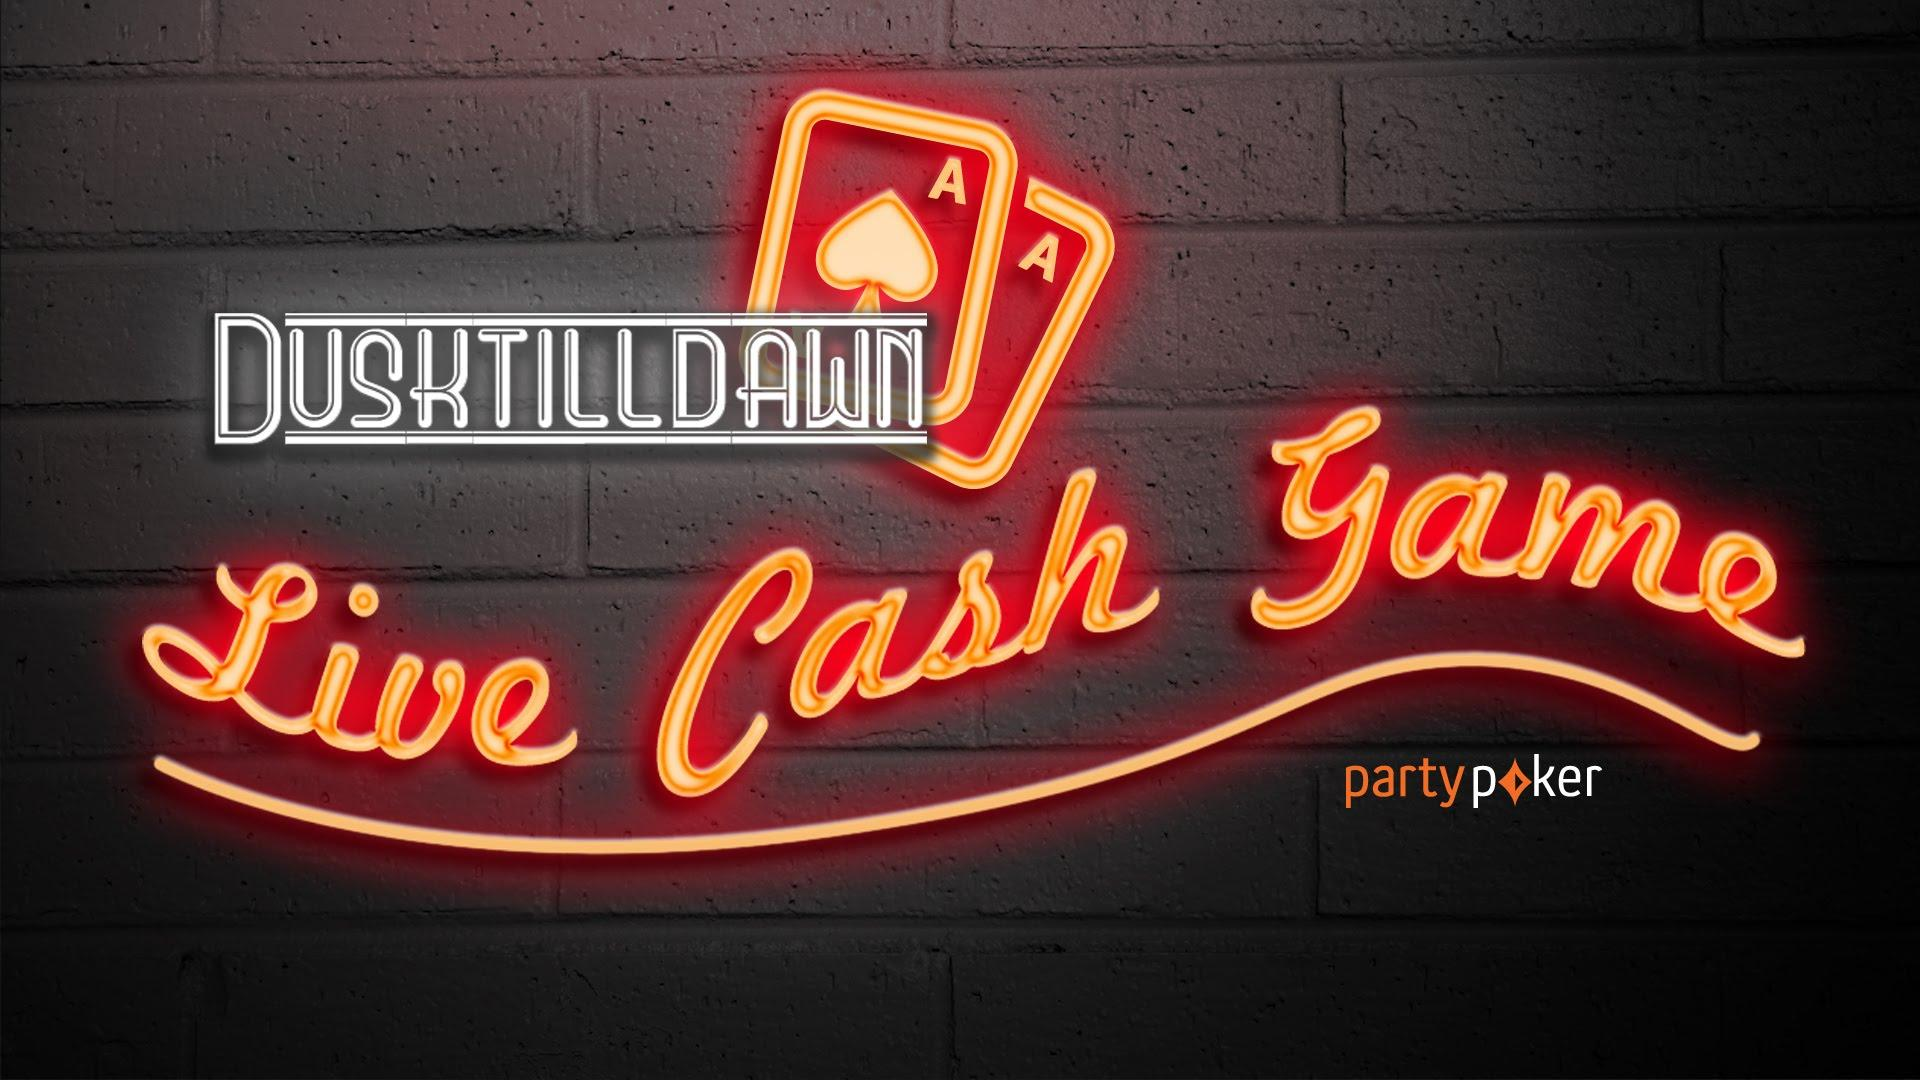 DTD Live Cash Game Weekend - 22nd April 2016